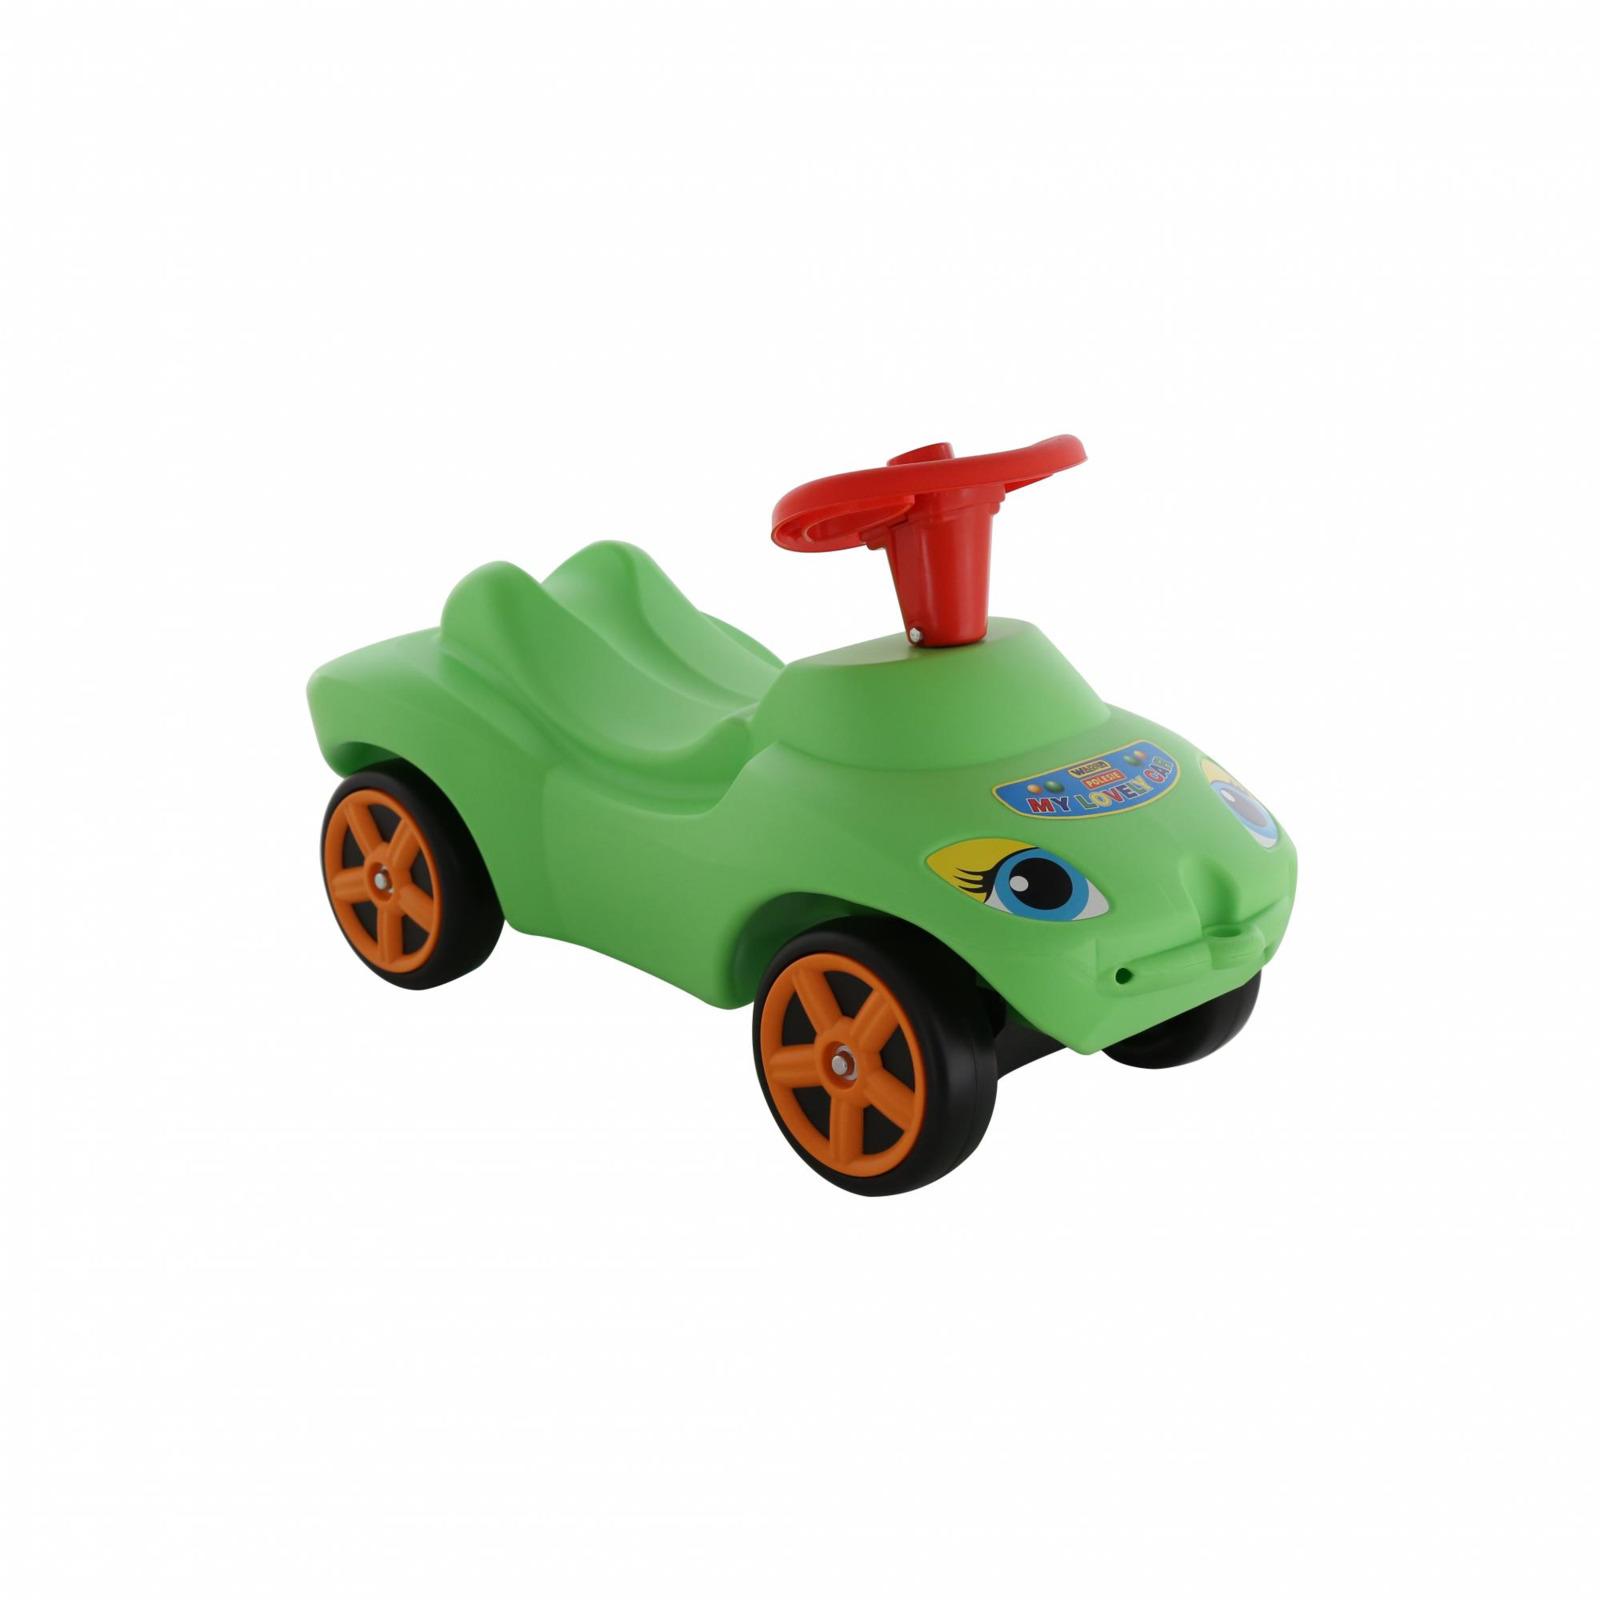 Фото - Каталка Полесье Мой любимый автомобиль, со звуковым сигналом, цвет в ассортименте полесье набор игрушек для песочницы 468 цвет в ассортименте